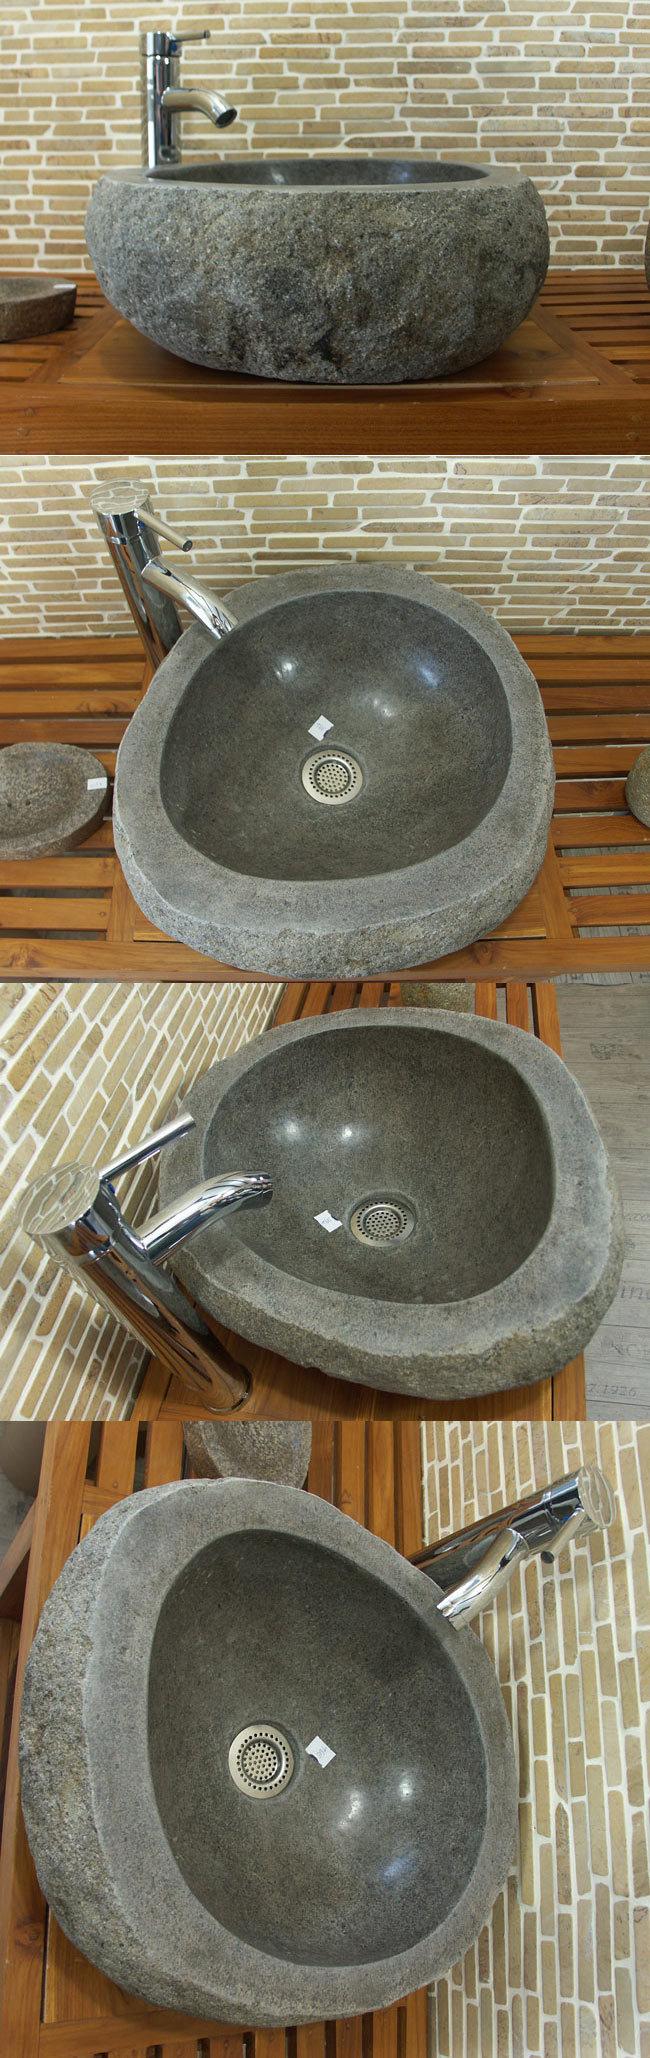 waschbecken aus flussstein bafs 16e ein unikat f r ihr bad. Black Bedroom Furniture Sets. Home Design Ideas